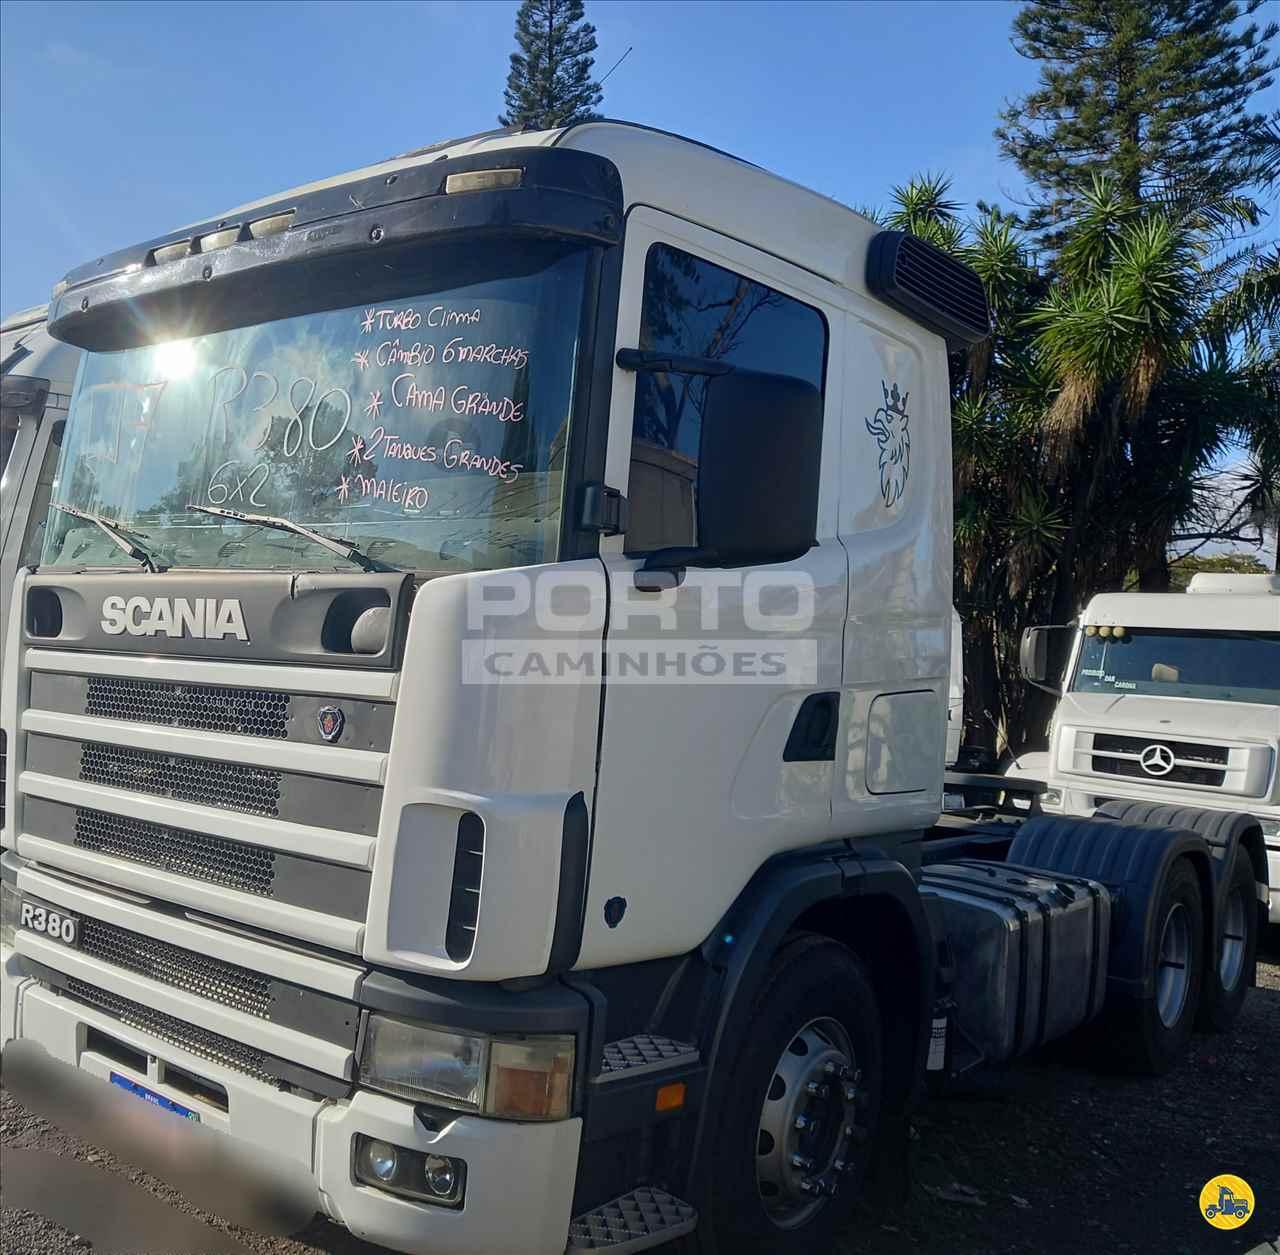 CAMINHAO SCANIA SCANIA 380 Cavalo Mecânico Truck 6x2 Porto Caminhões GUARULHOS SÃO PAULO SP